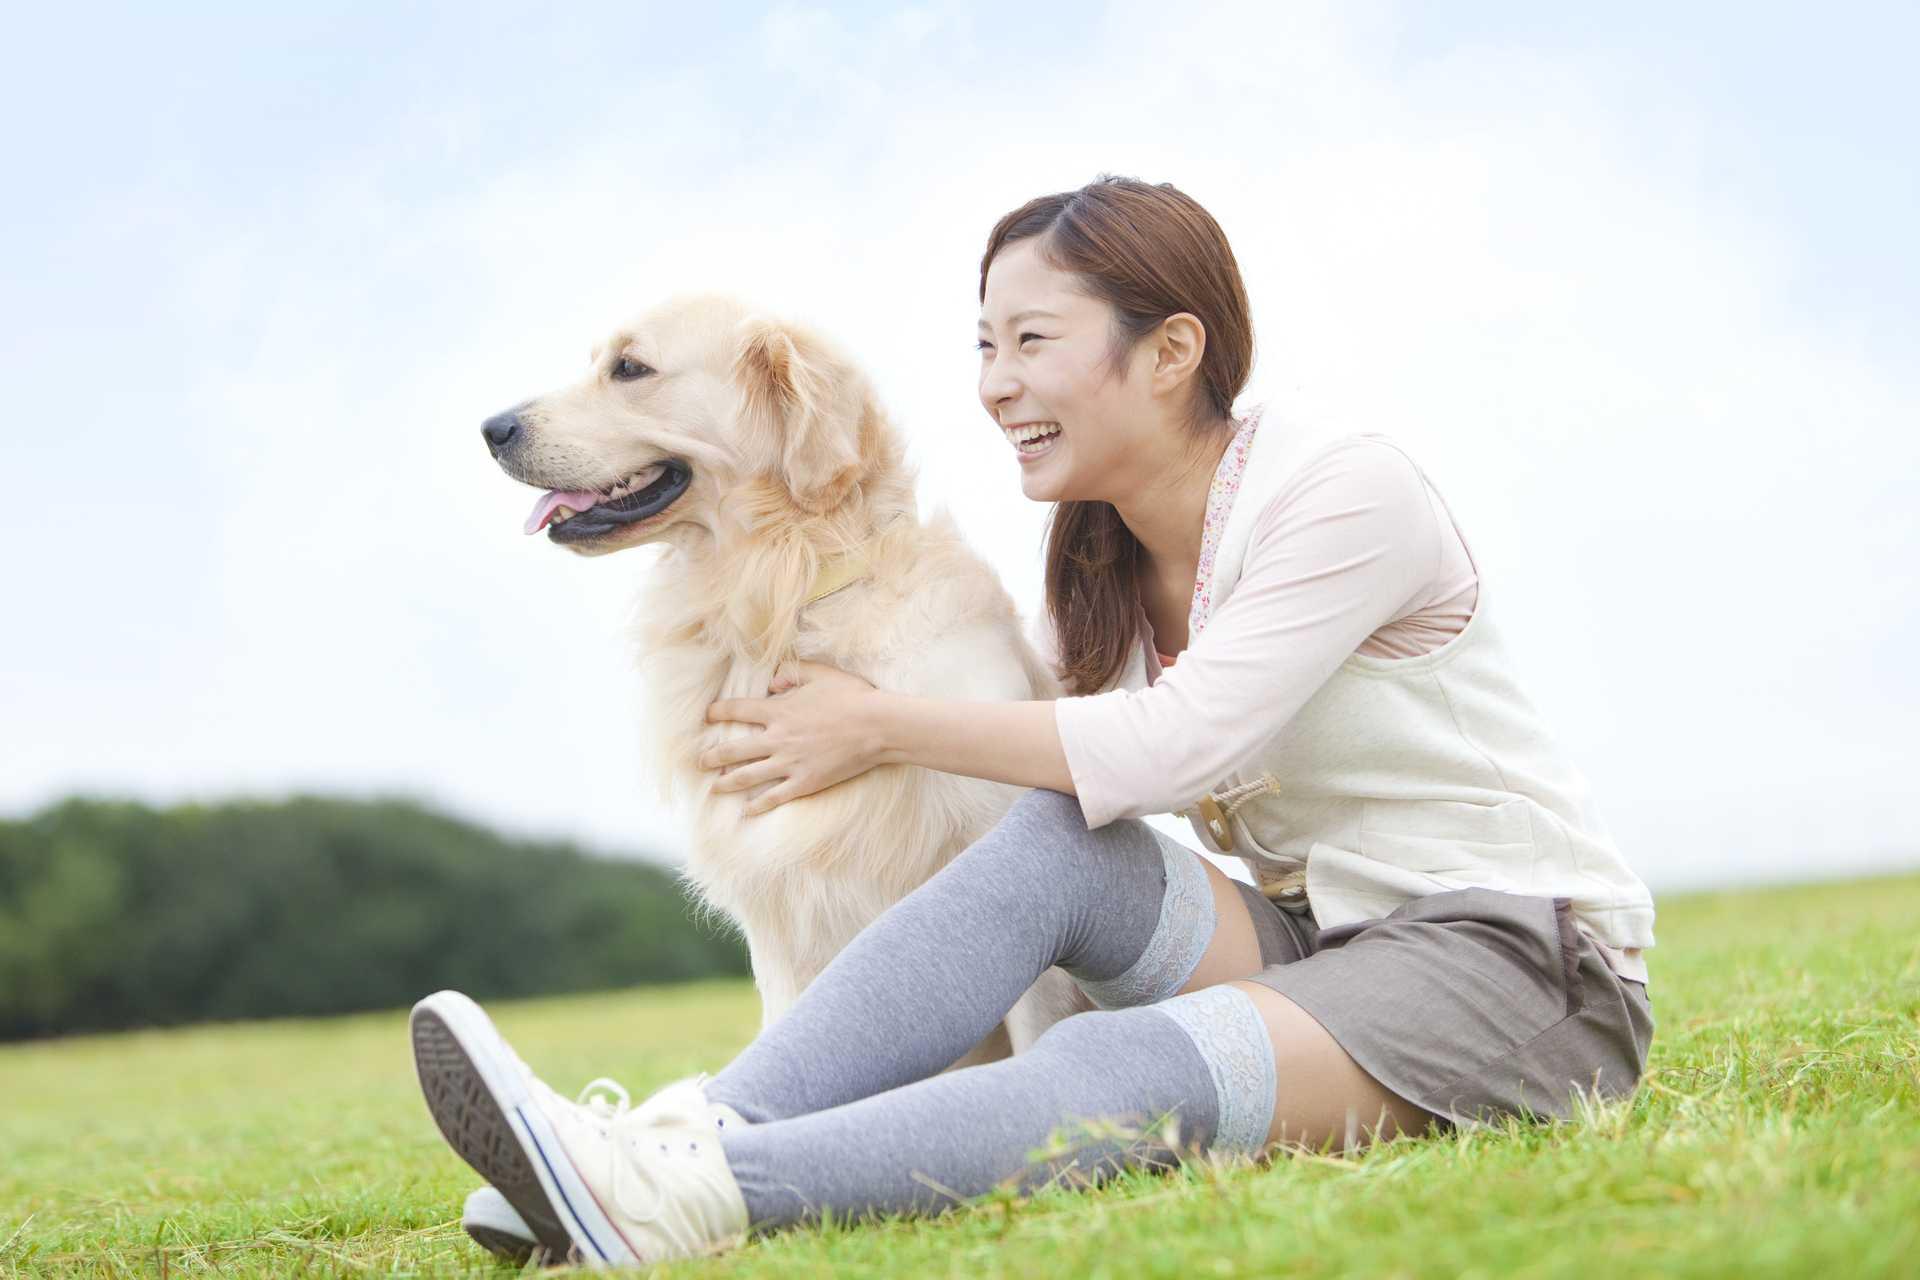 無邪気な犬と散歩していると、自然と長距離を歩きやすい。 | 散歩の楽しみ方に気づく30のポイント